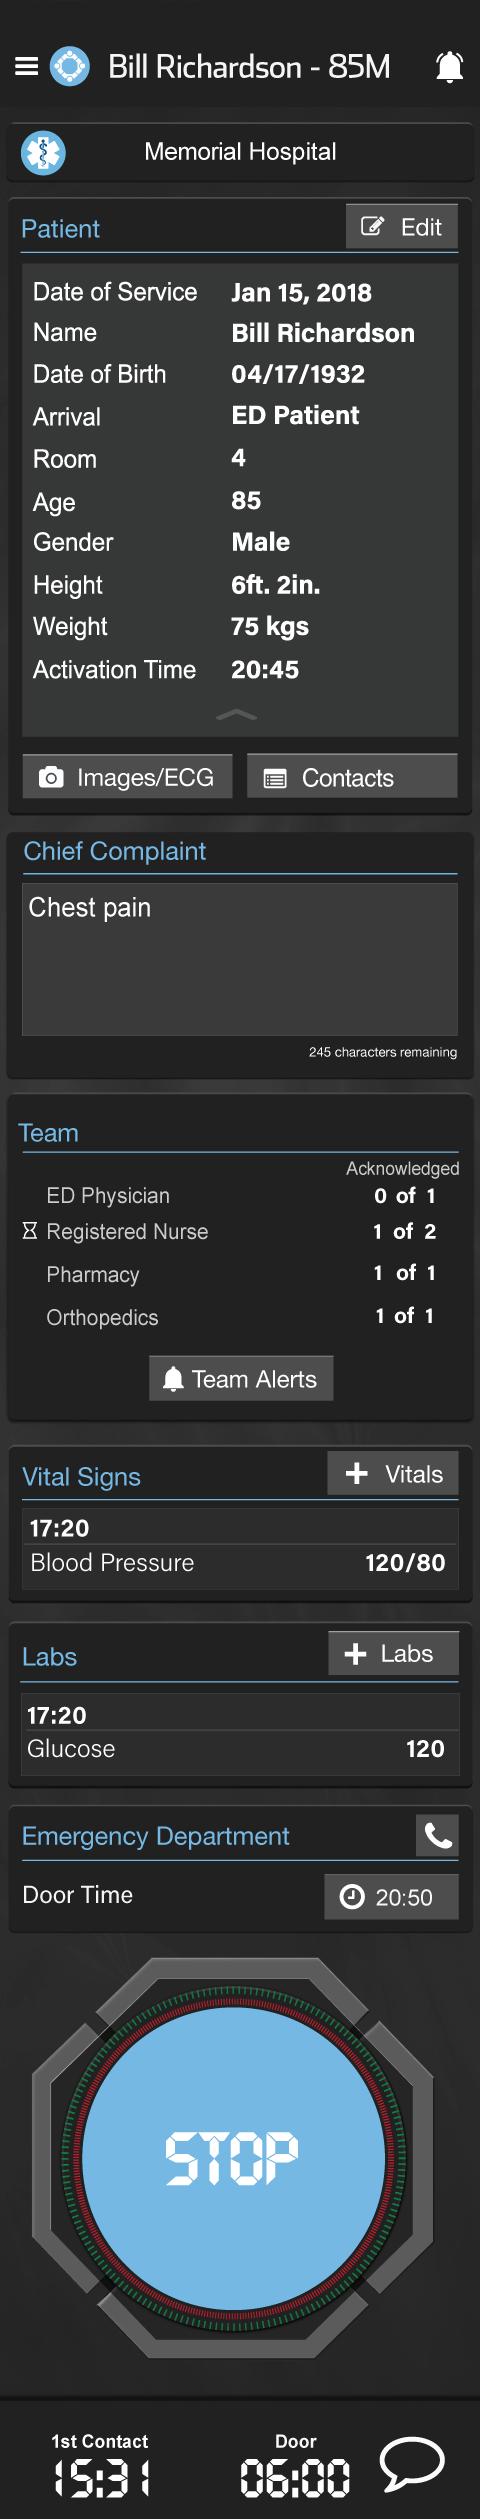 General Patient Screen